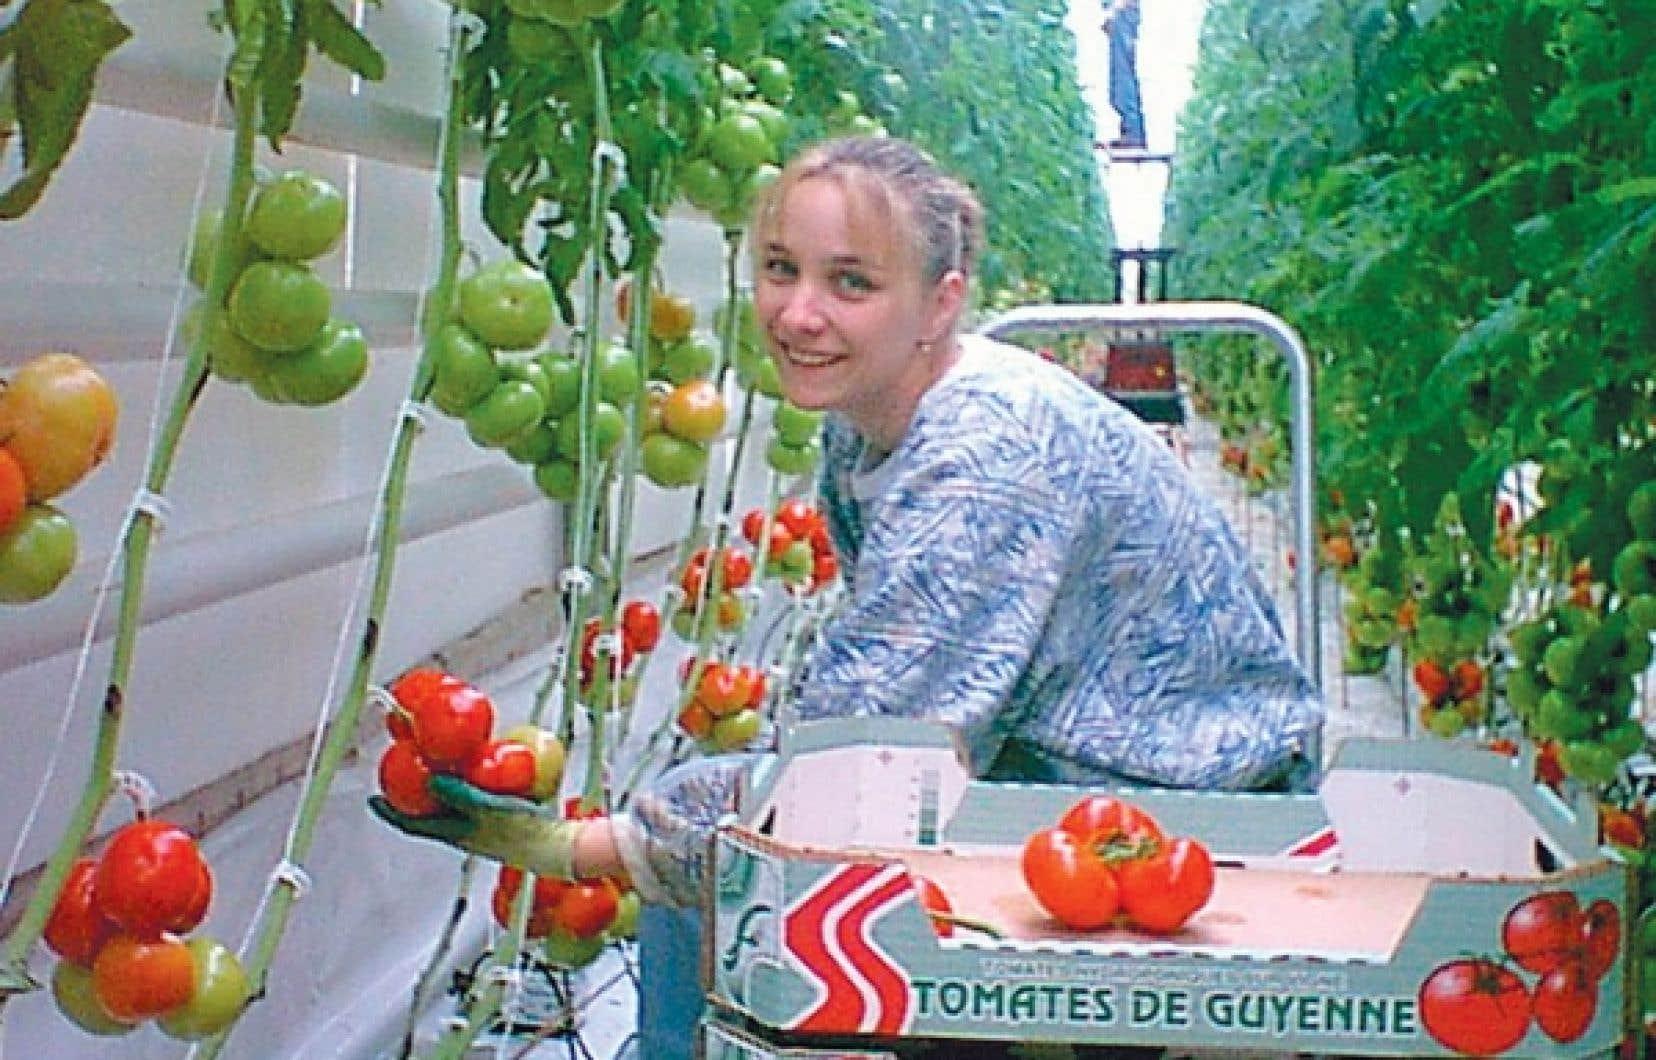 Les coopératives agroalimentaires arrivent au deuxième rang pour la création d'emplois.